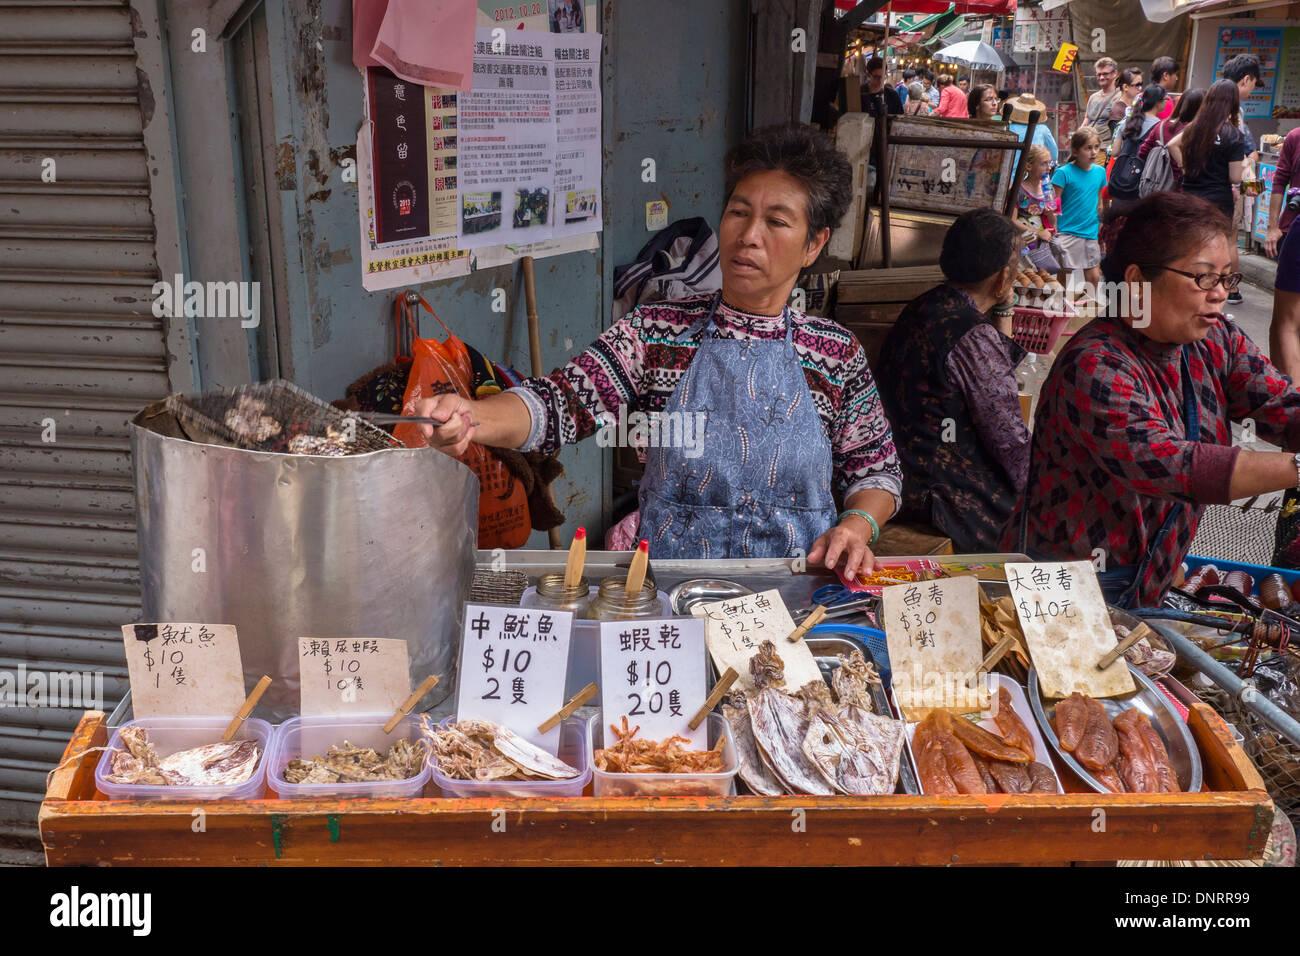 Stall Selling Grilled Dried Fish, Lantau Island, Hong Kong, China - Stock Image